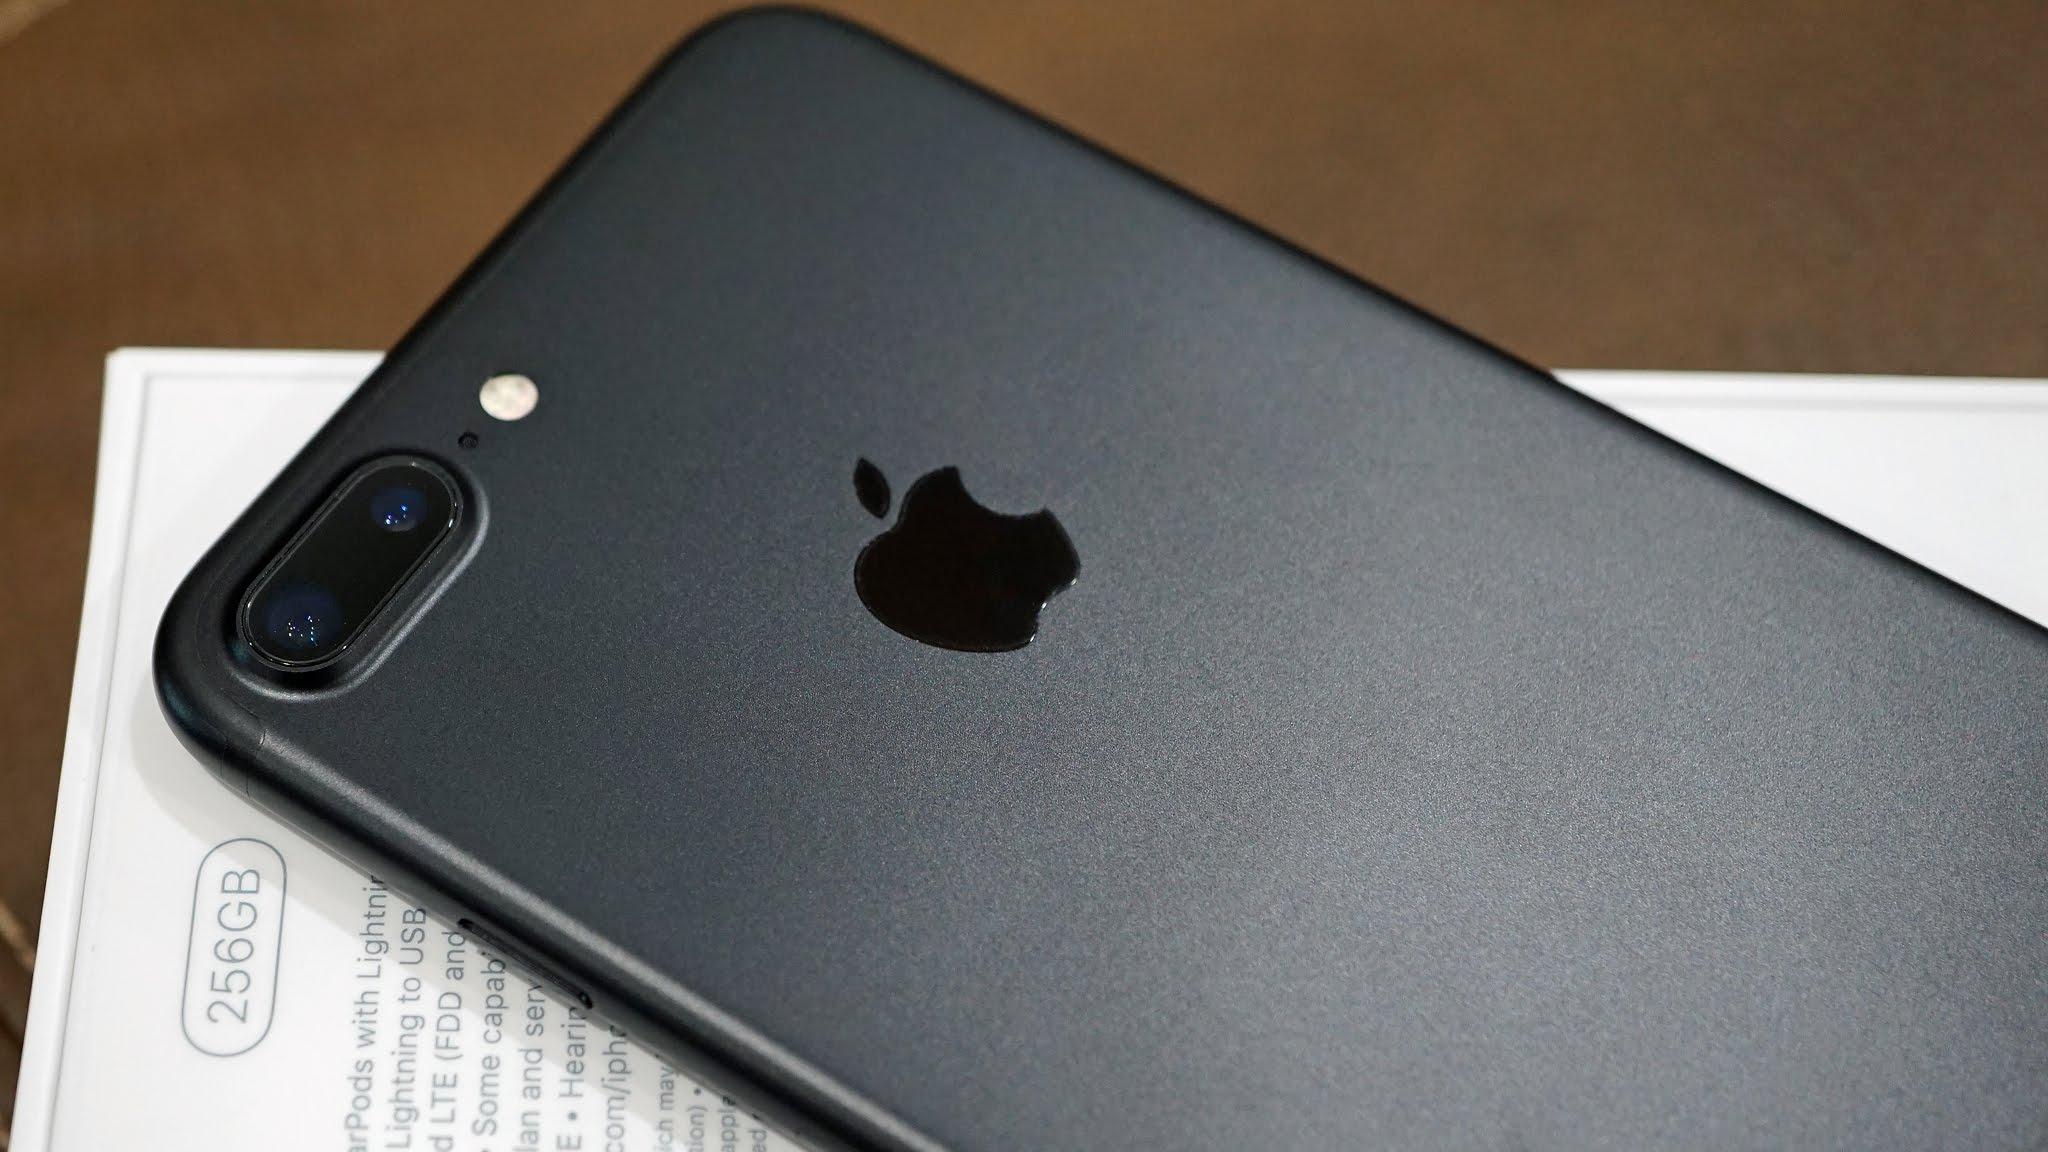 Điện thoại giảm giá cuối tuần với nhiều ưu đãi từ gói bảo hành rơi vỡ - Ảnh 2.